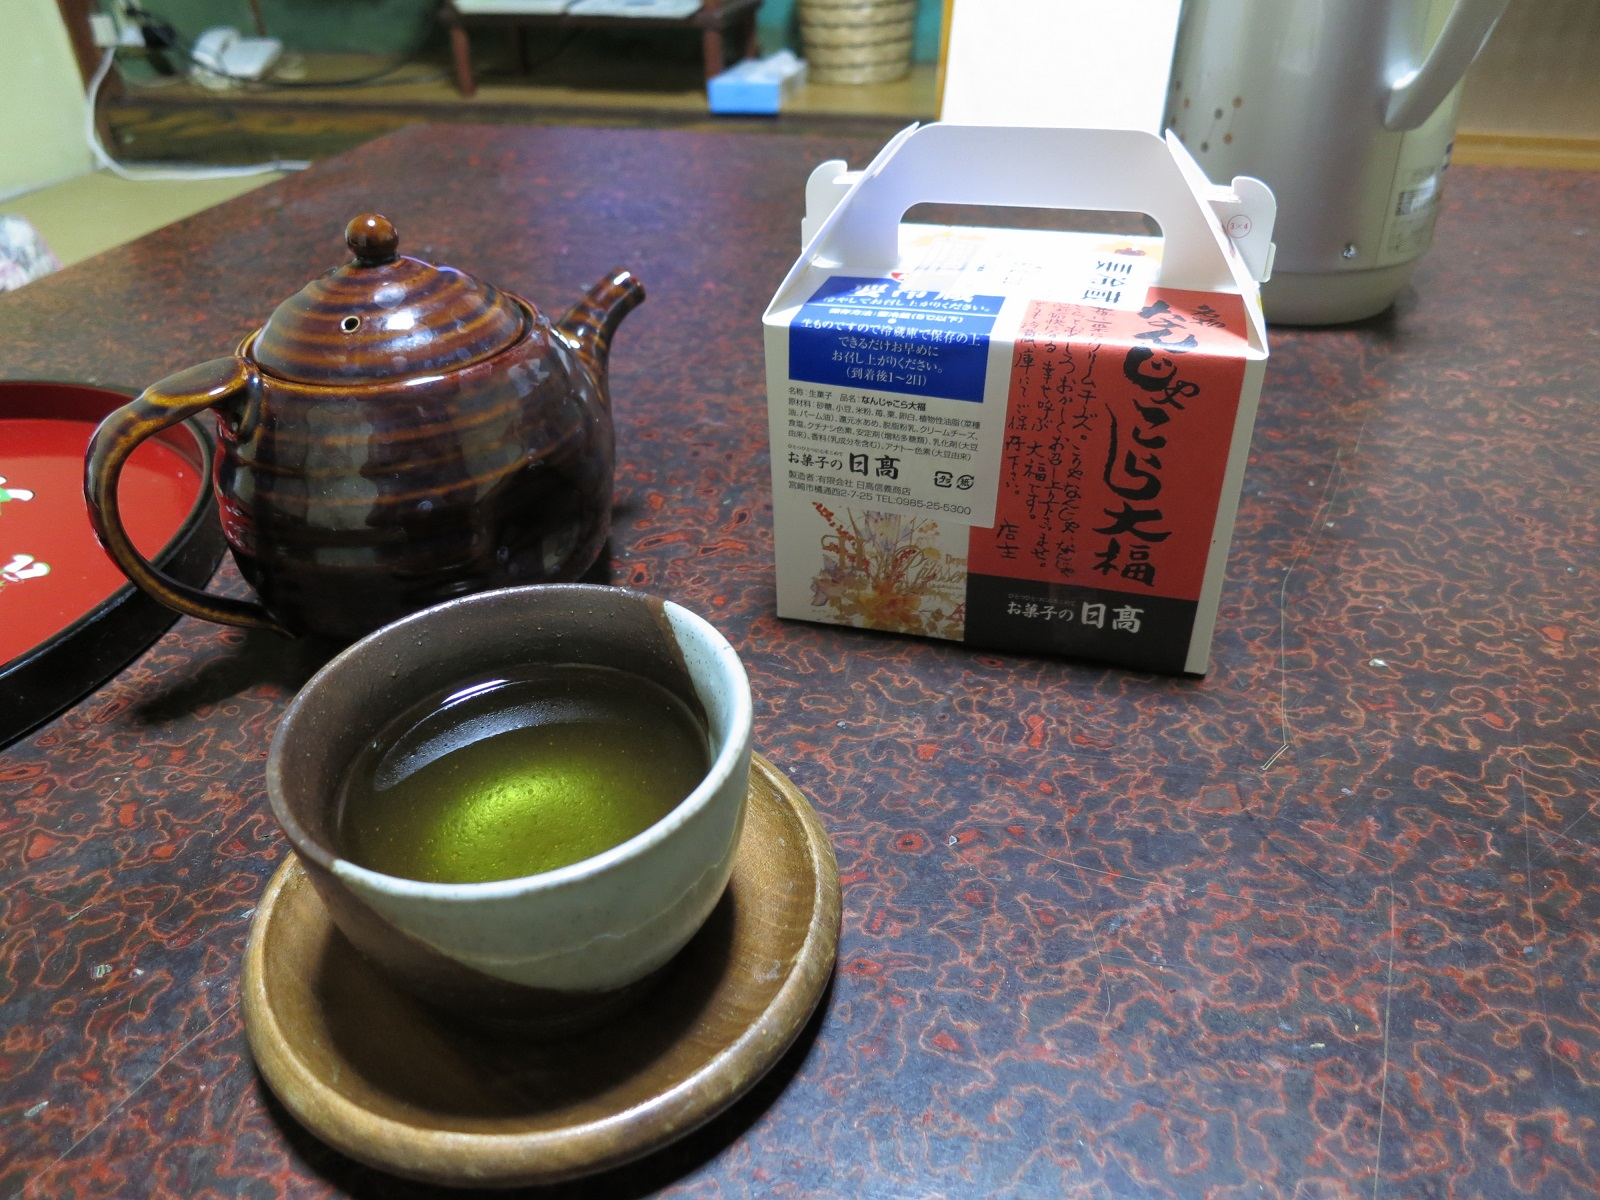 喜久屋旅館のお茶